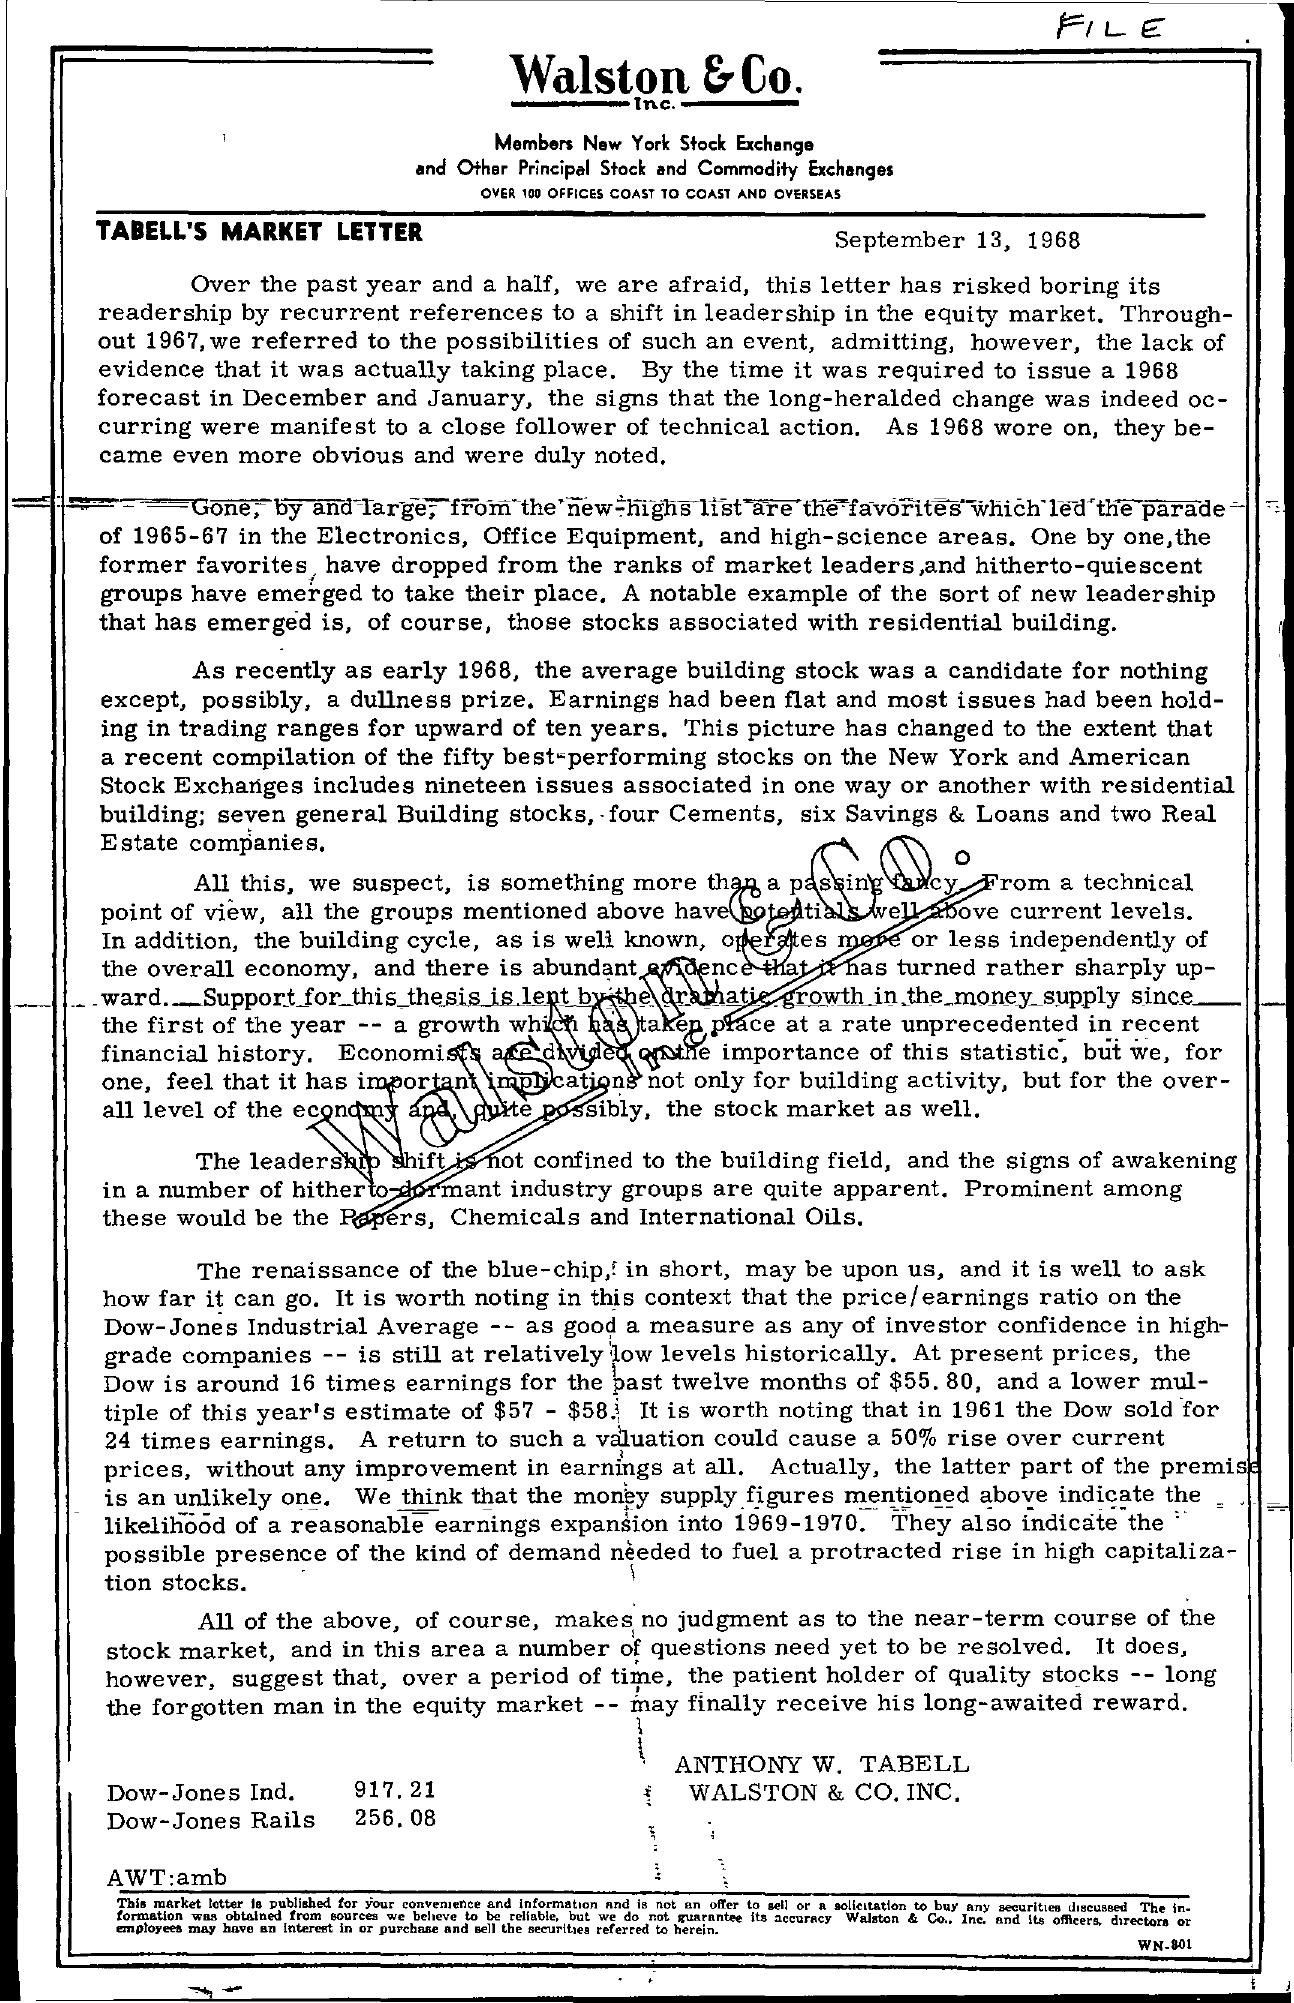 Tabell's Market Letter - September 13, 1968